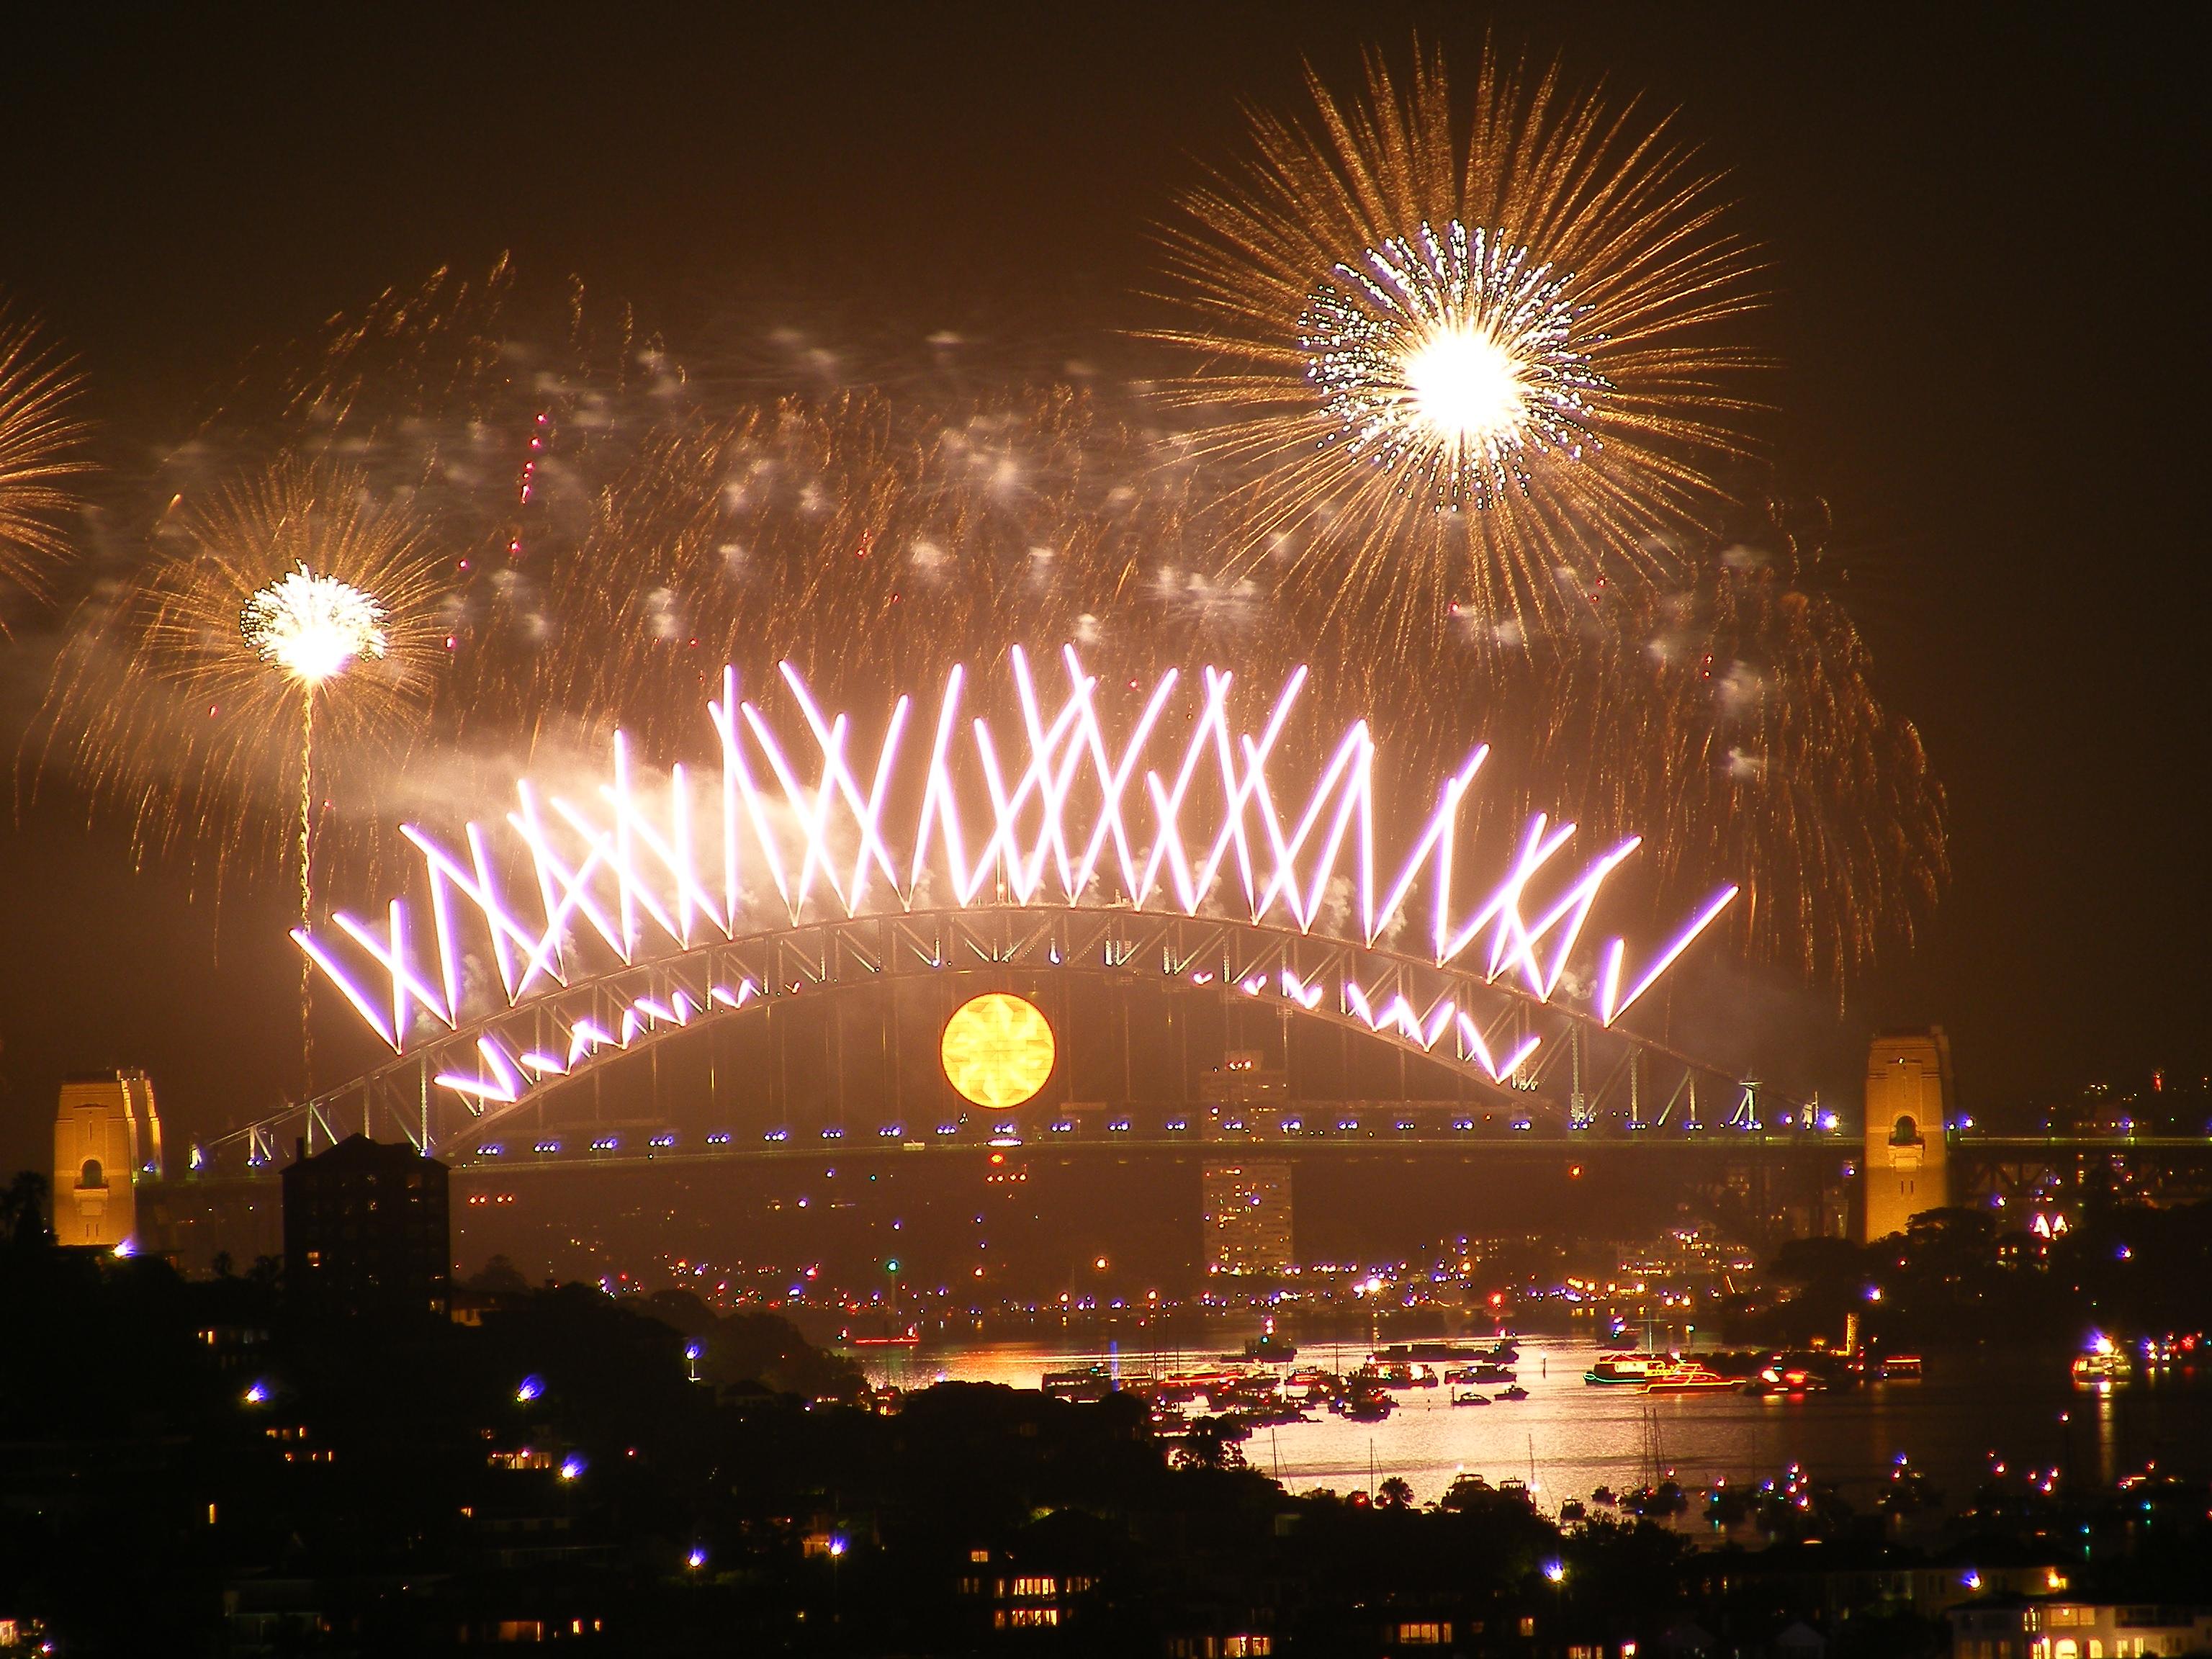 new years eve 2008 albury - photo#16